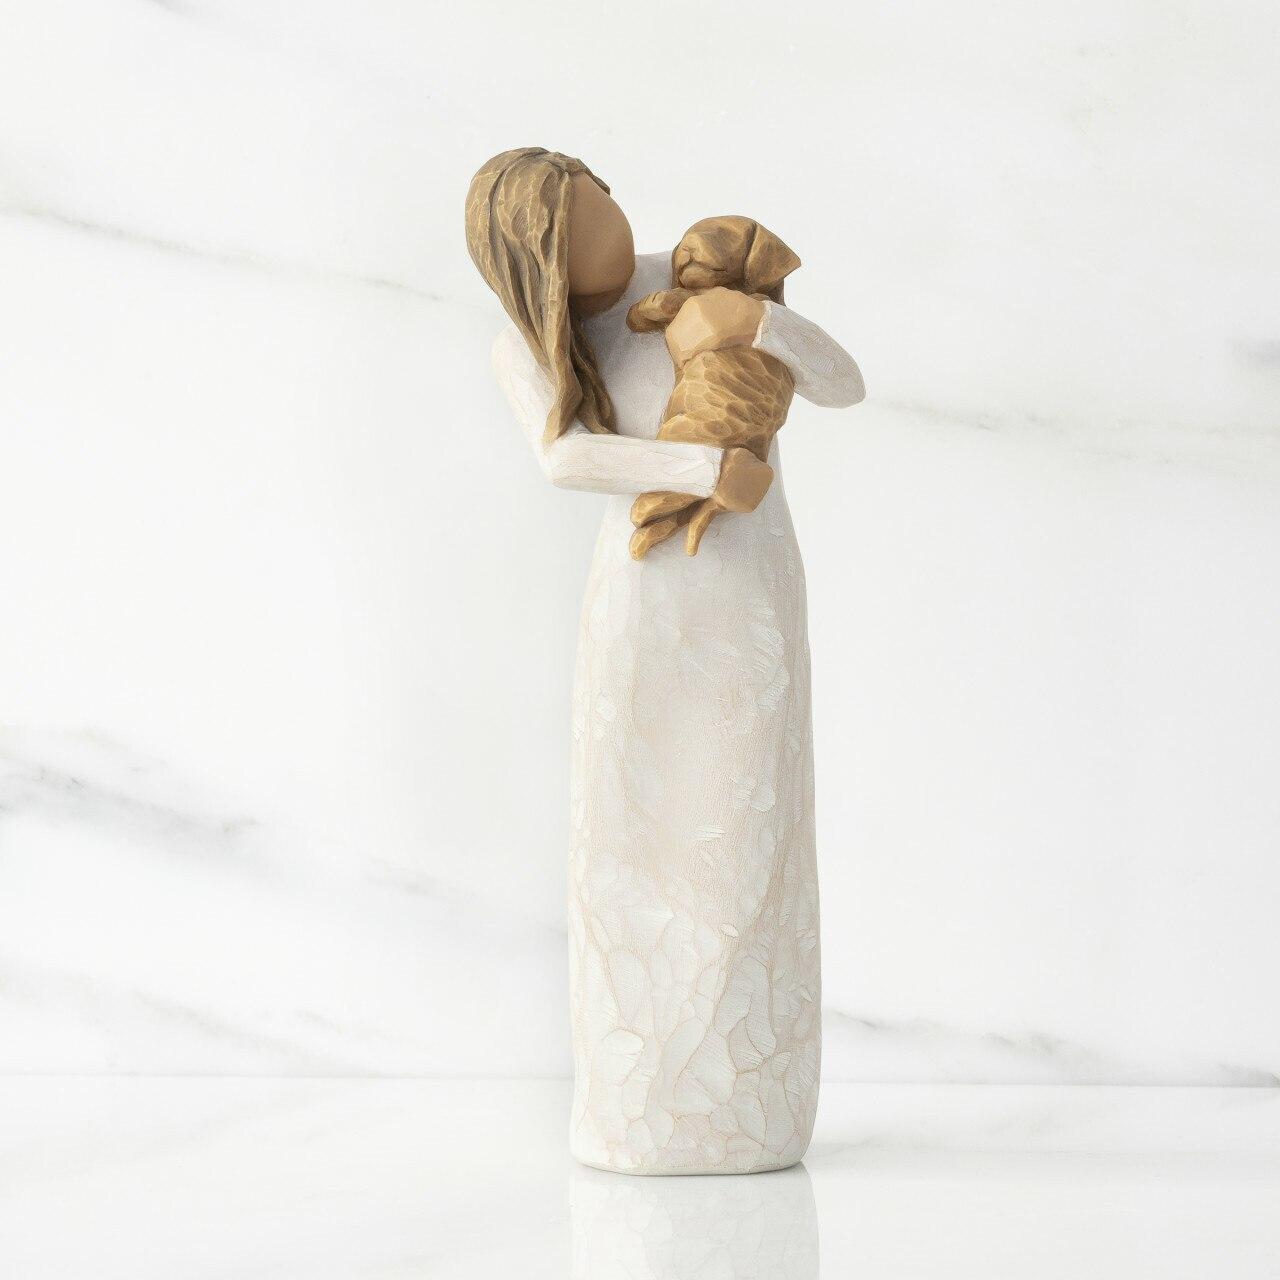 ウィローツリー彫像 【Adorable You(Golden)】 - 愛しいあなた